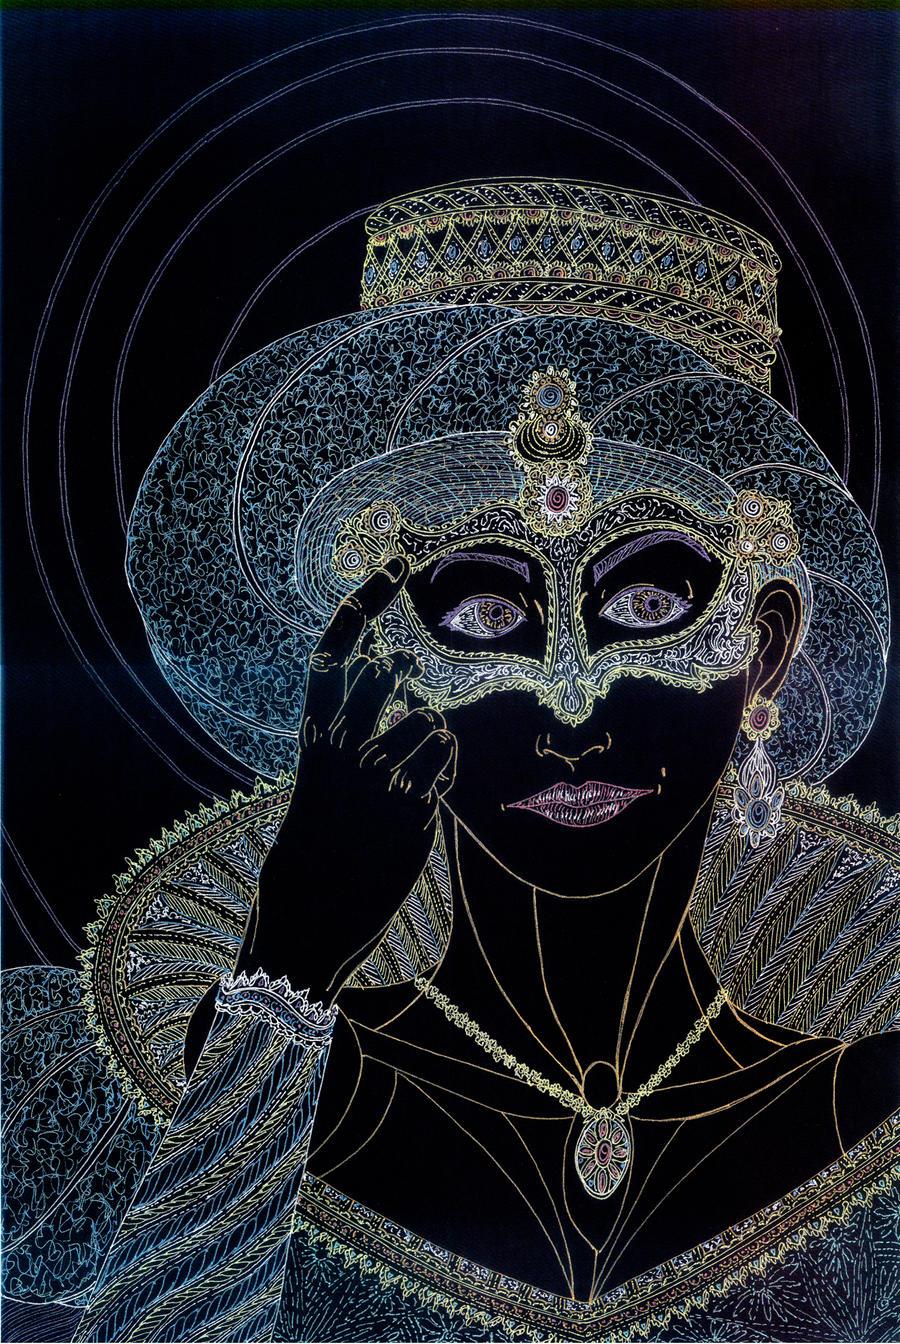 Mardi Gras - Sloth by Lakandiwa